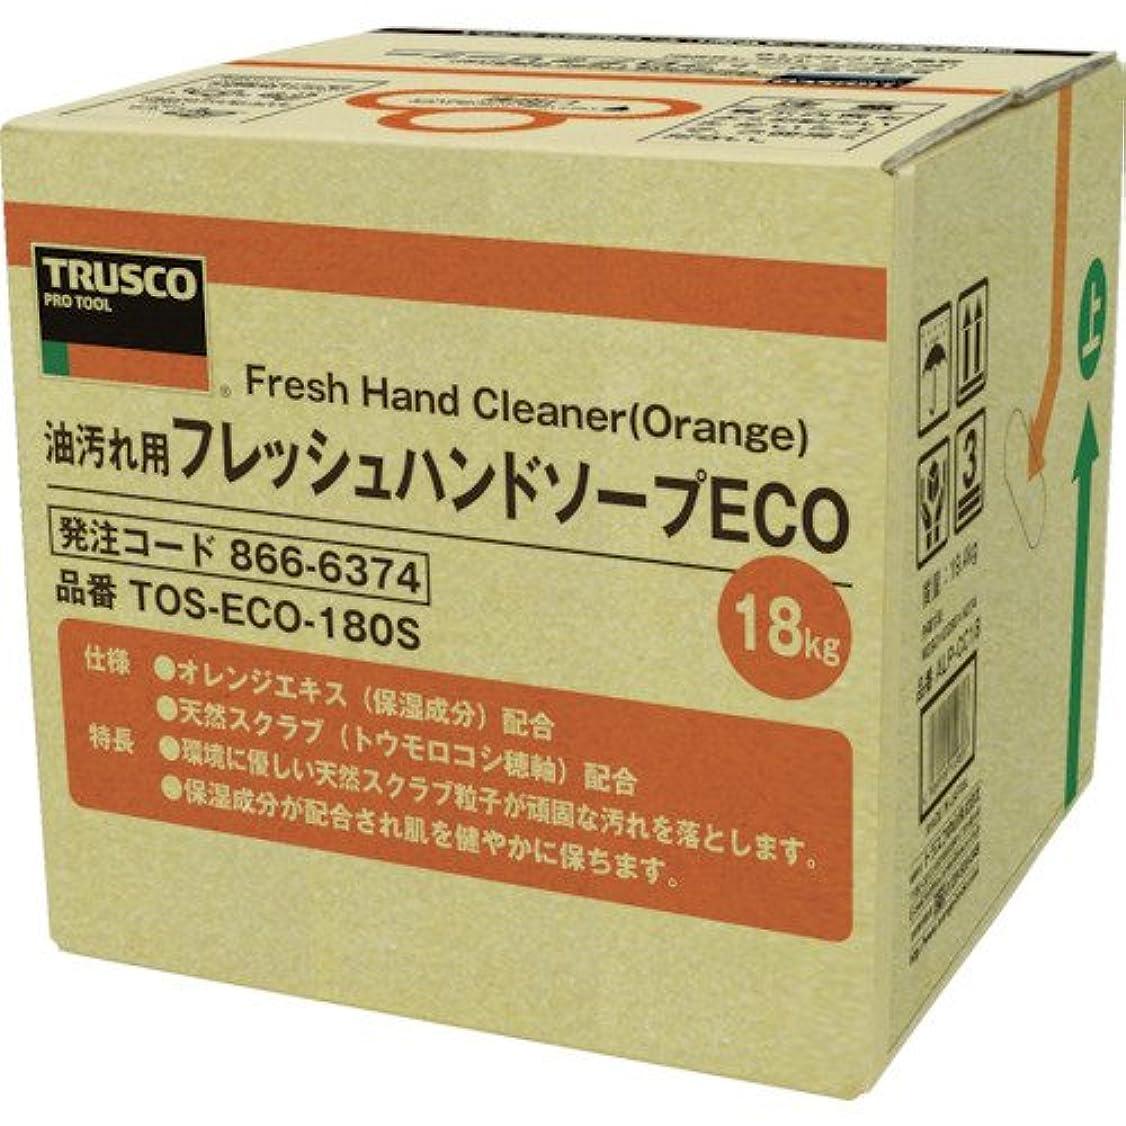 トラスコ中山 株 TRUSCO フレッシュハンドソープ 18L 詰替 バッグインボックス TOS-ECO-180S